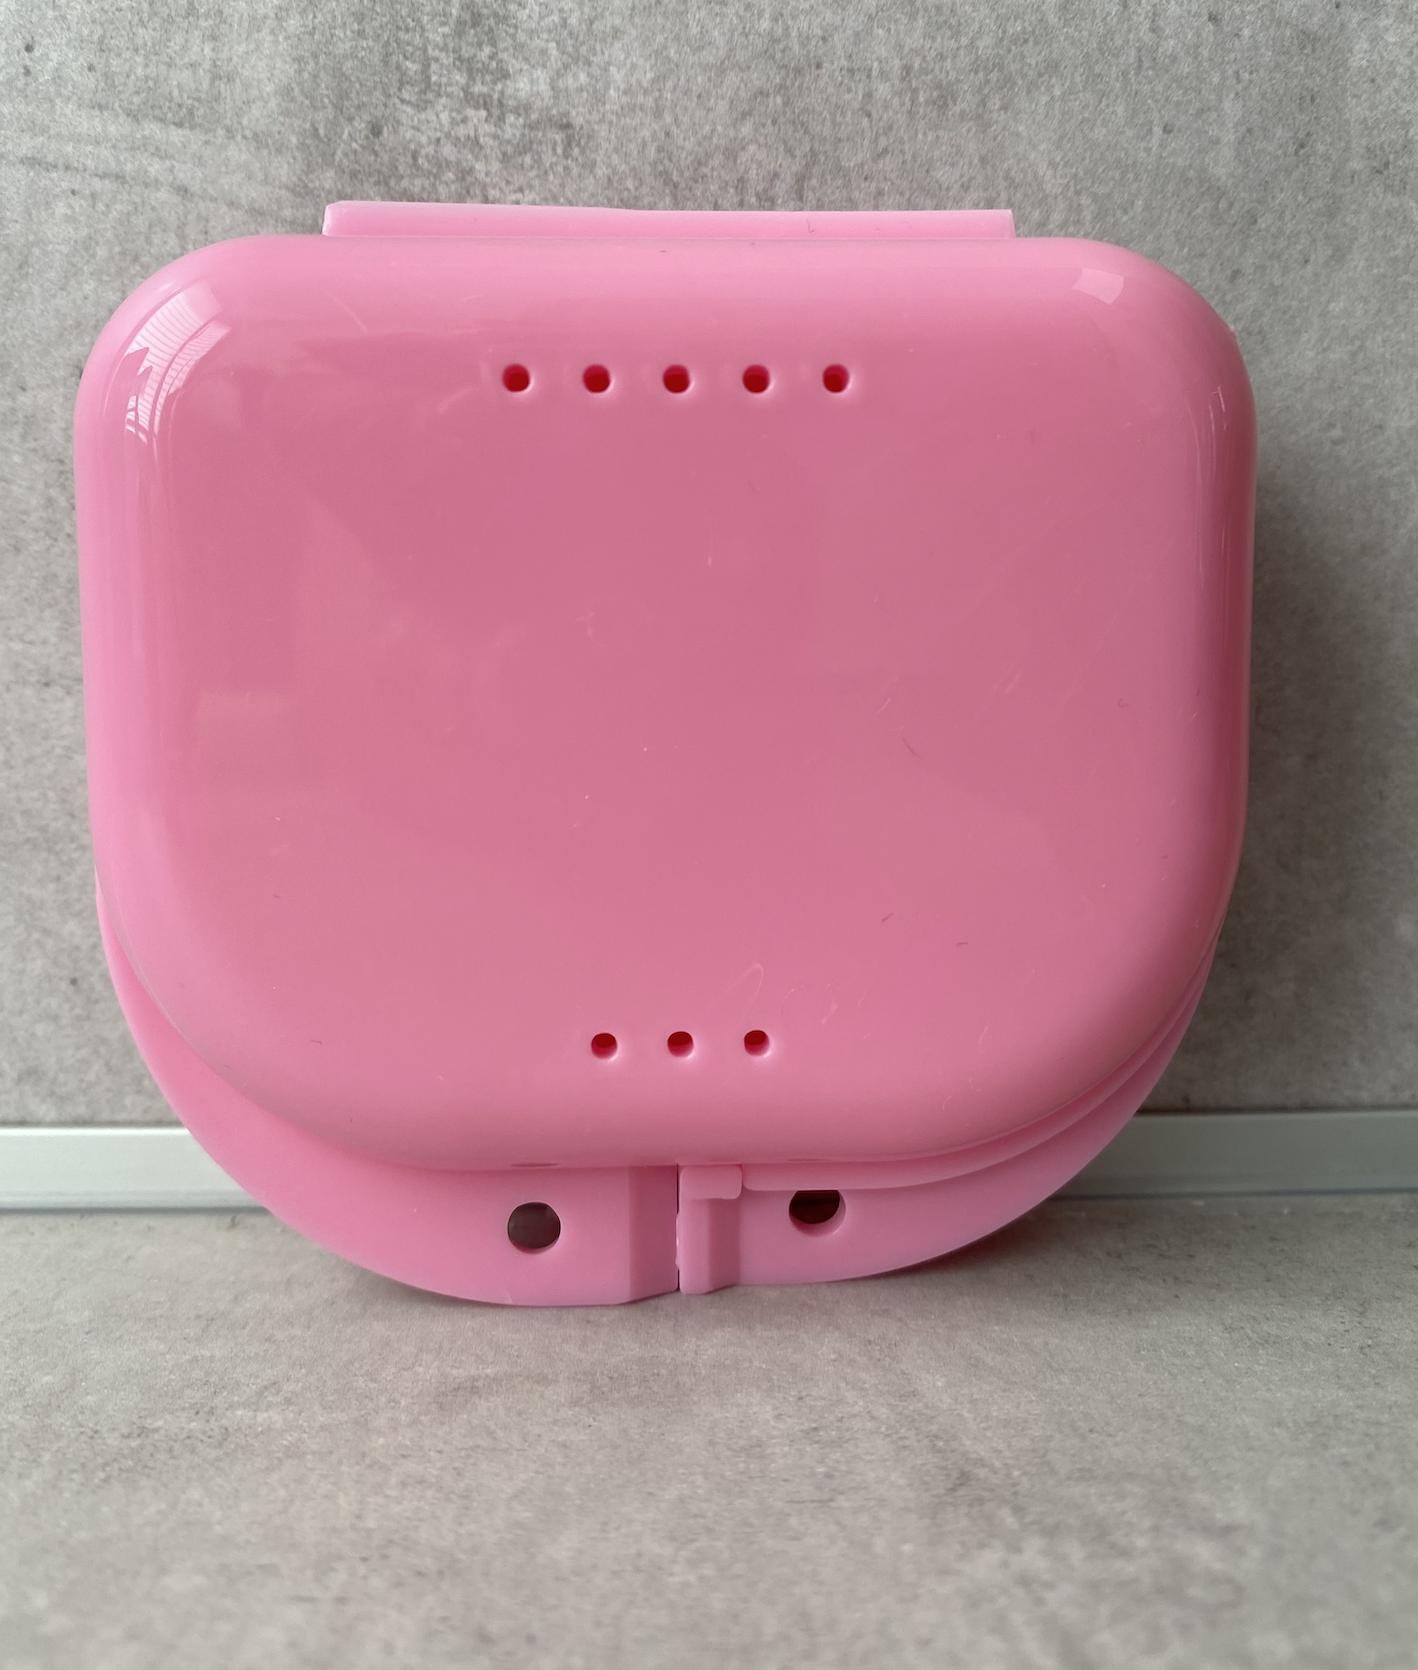 Zahnspangen-Box Travel Size Rosa